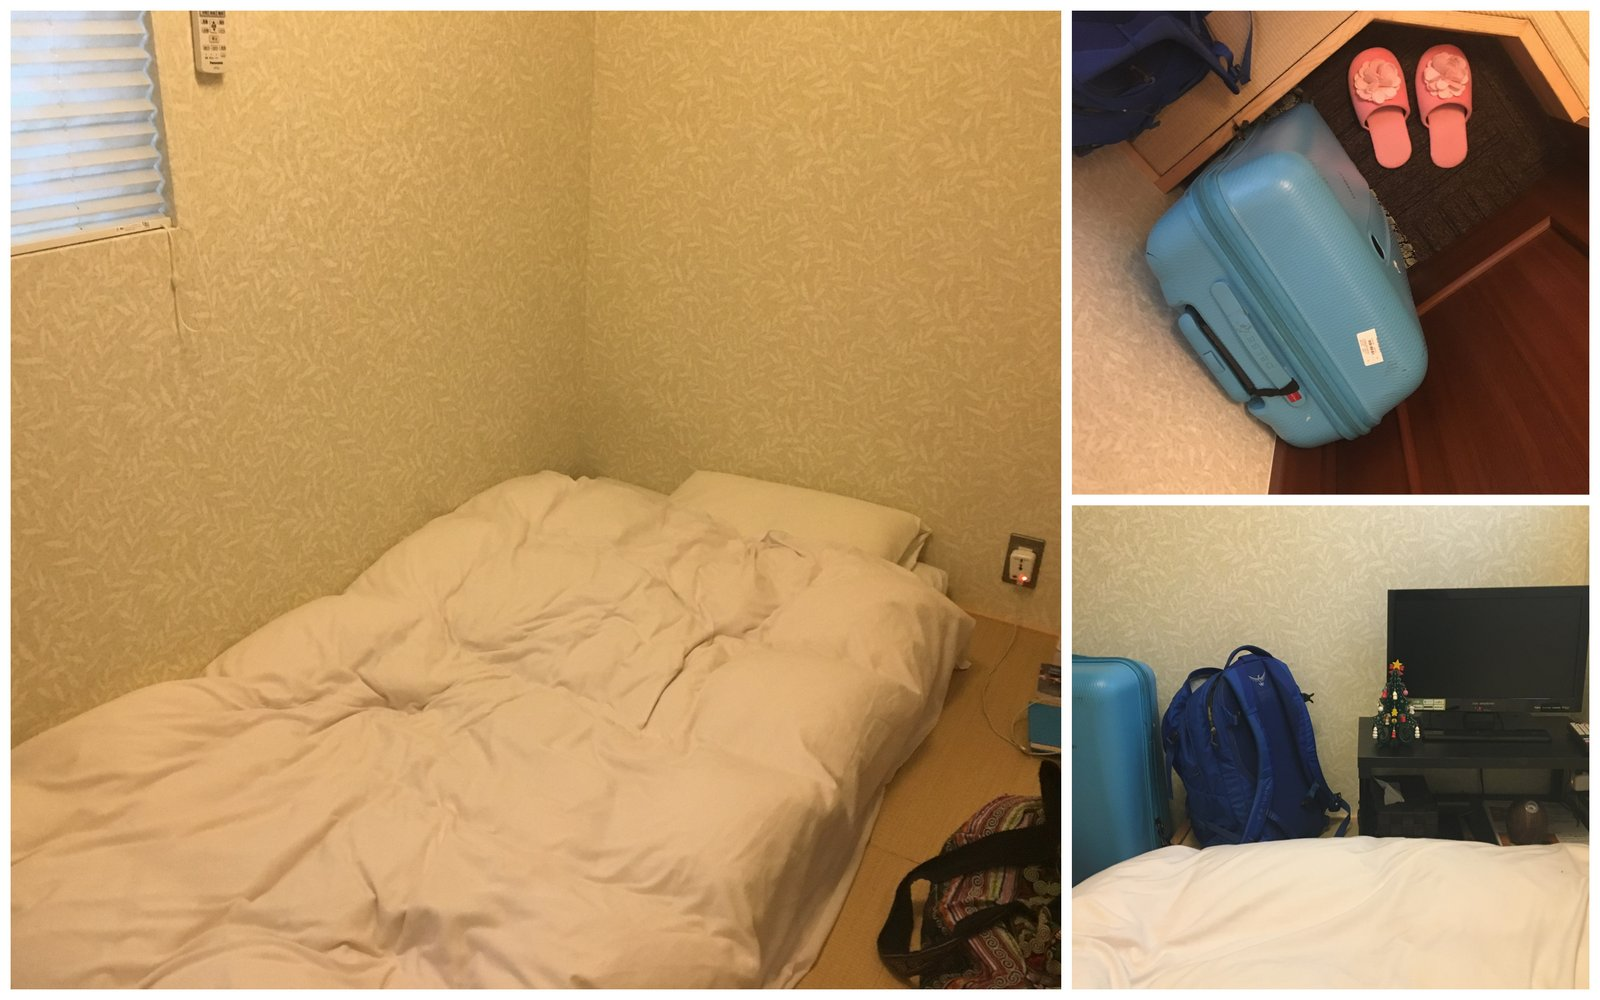 Une fois que le futon est déplié, il occupe toute la place dans la chambre